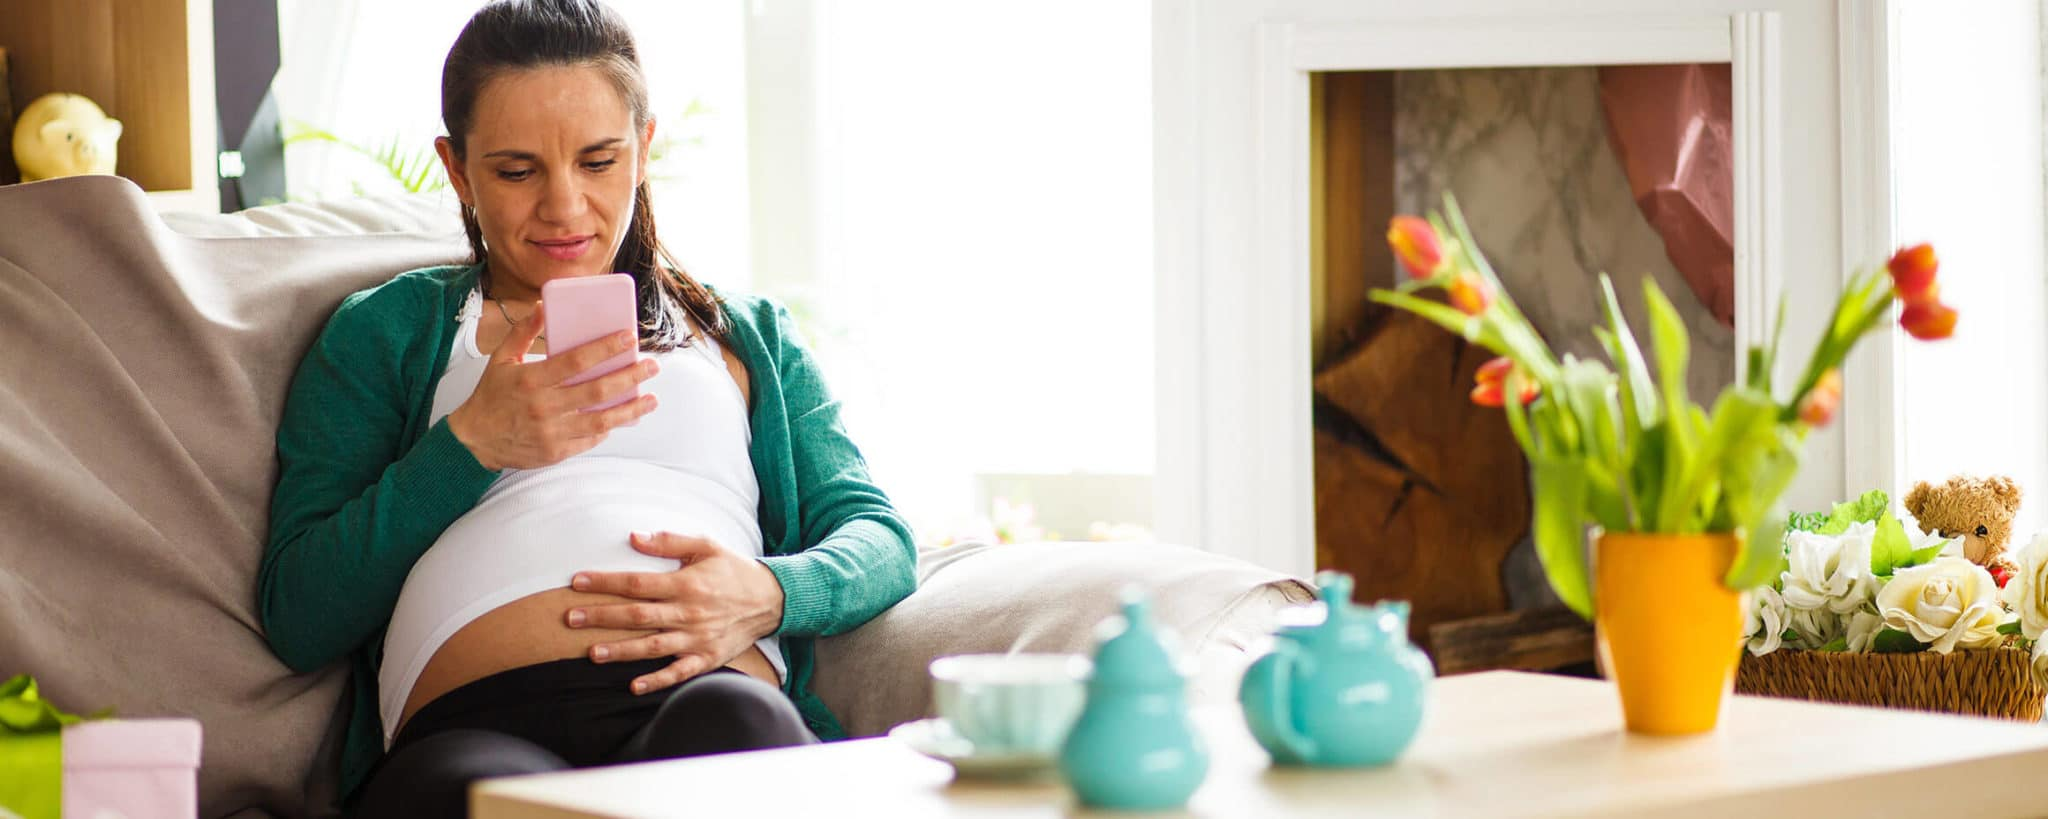 Typ-1-Diabetes und Schwangerschaft | dbl-diabetes